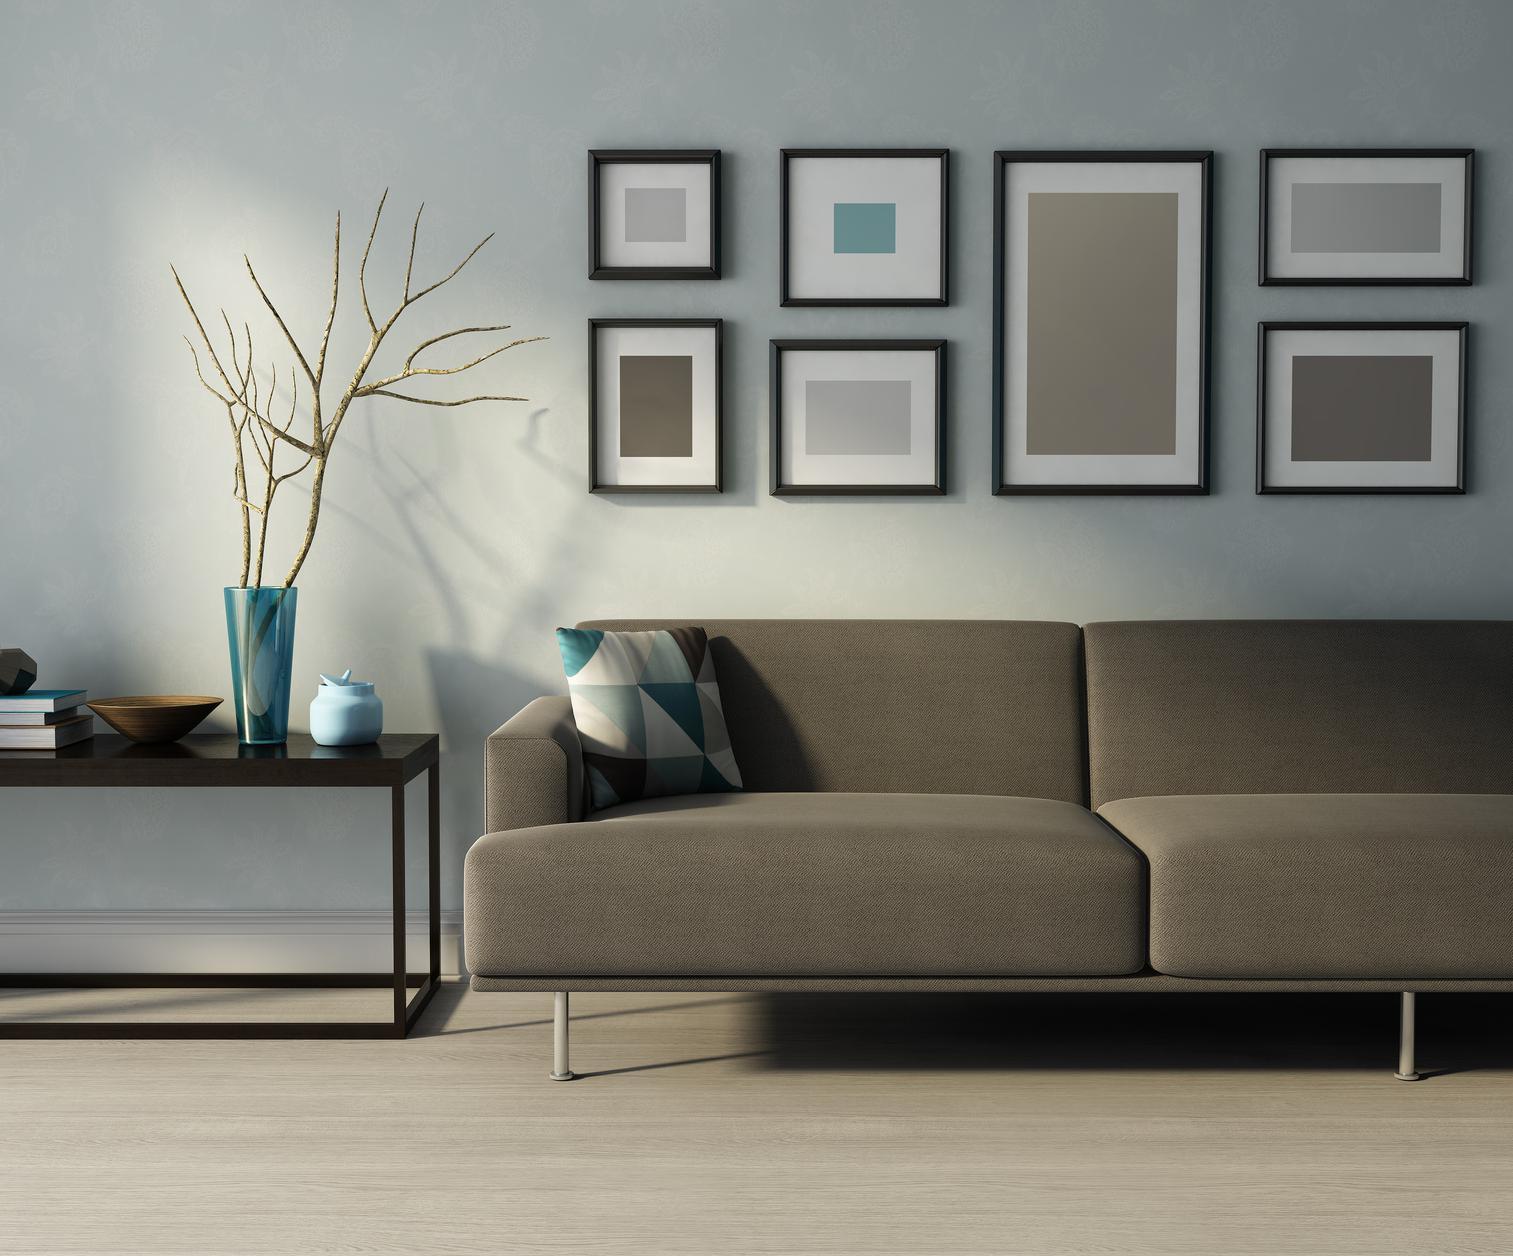 客厅与现代室内,米色沙发,框架和一张桌子在俯瞰bbin出租